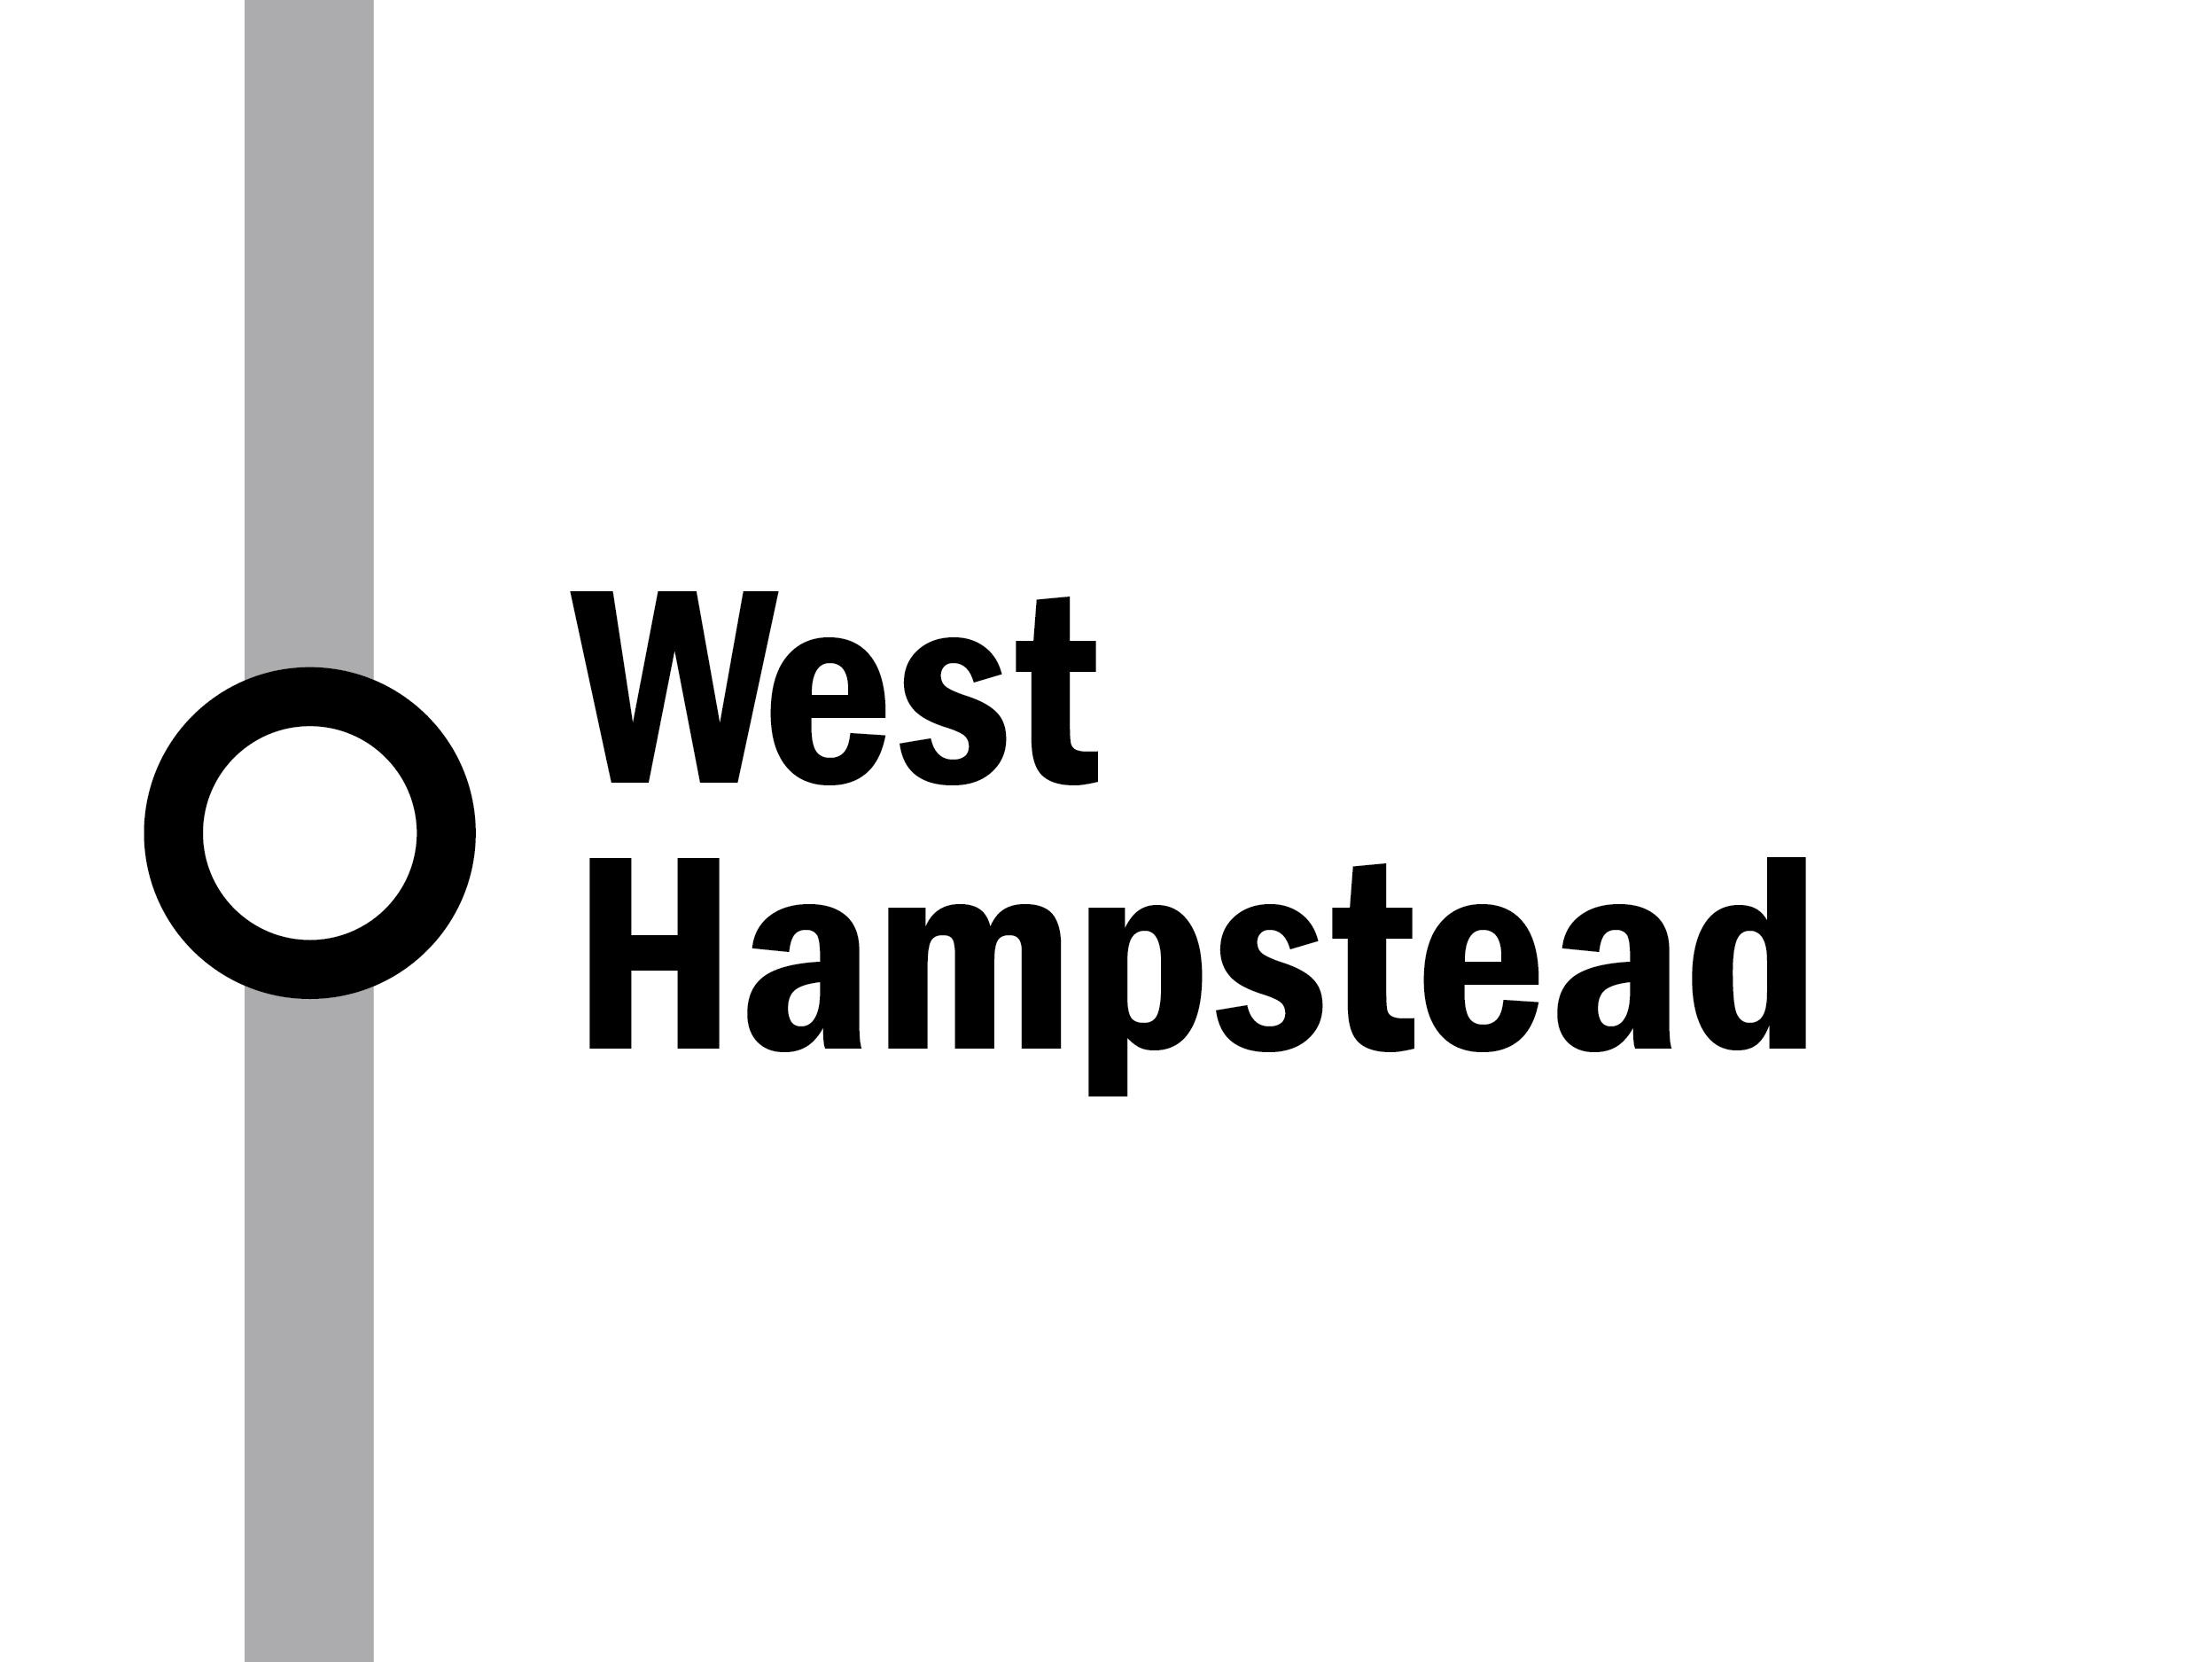 West Hampstead night tube